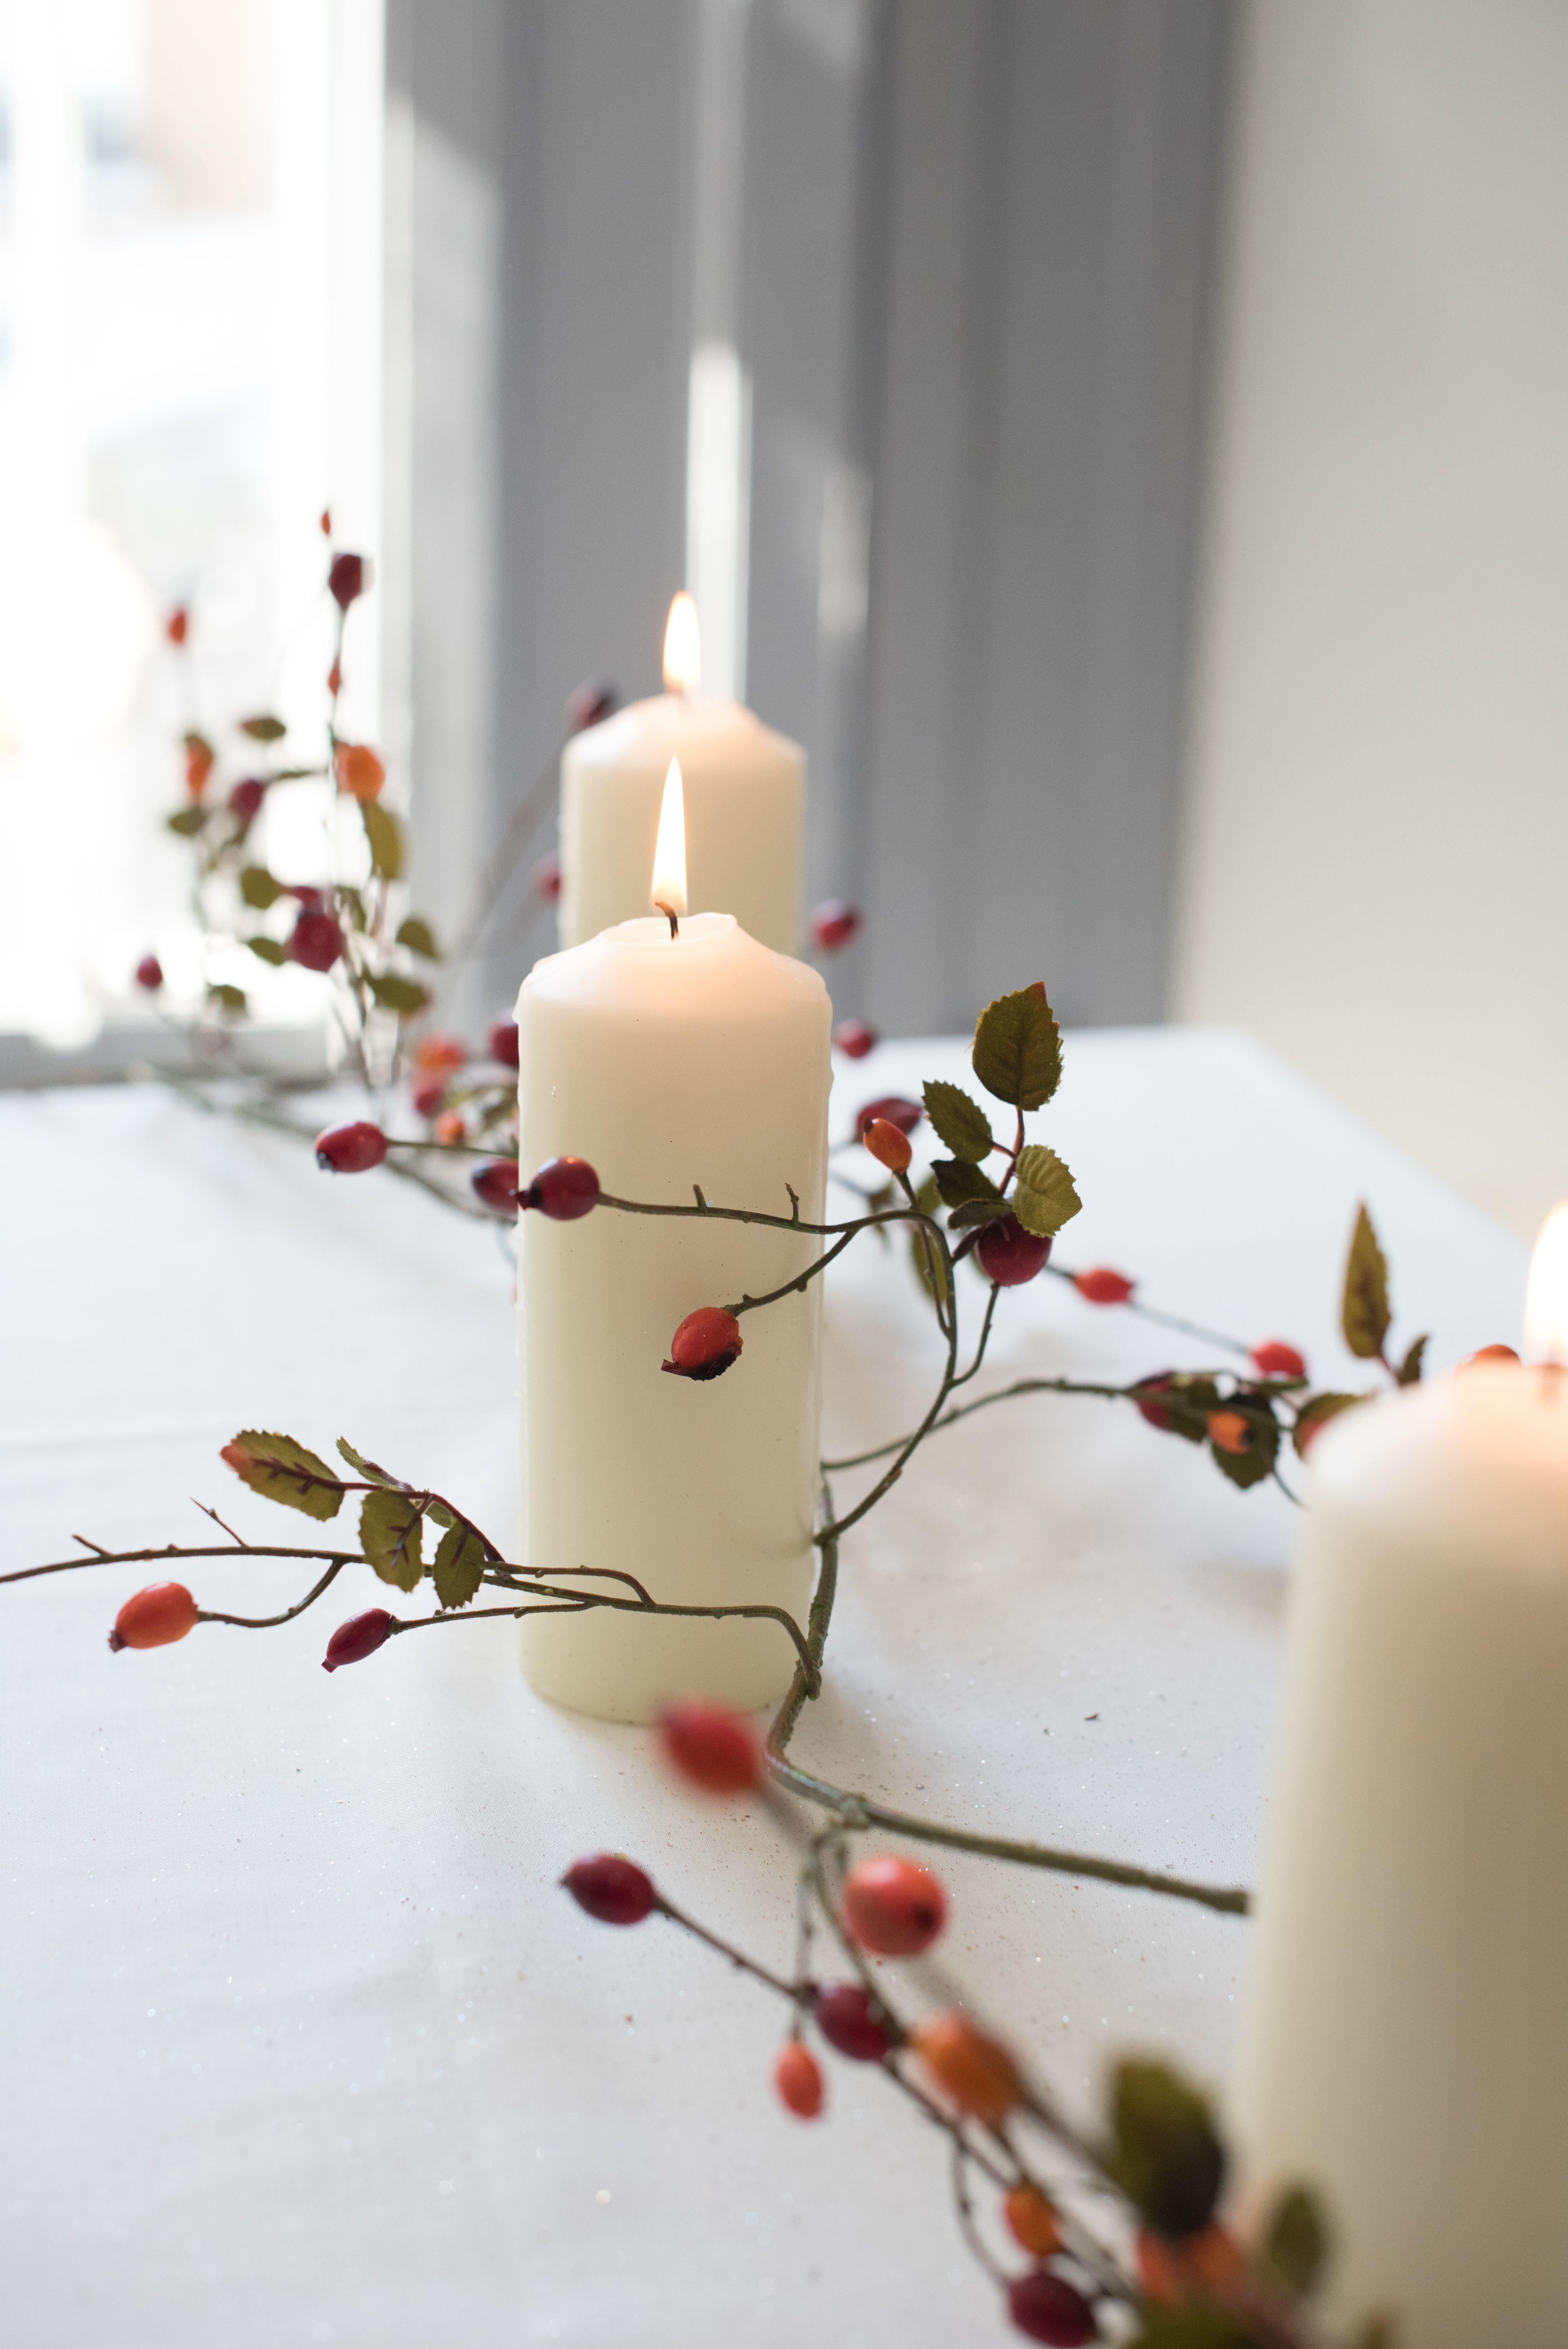 Christmas Table Decoration Ideas Christmas Table Decorations Table Decorations Christmas